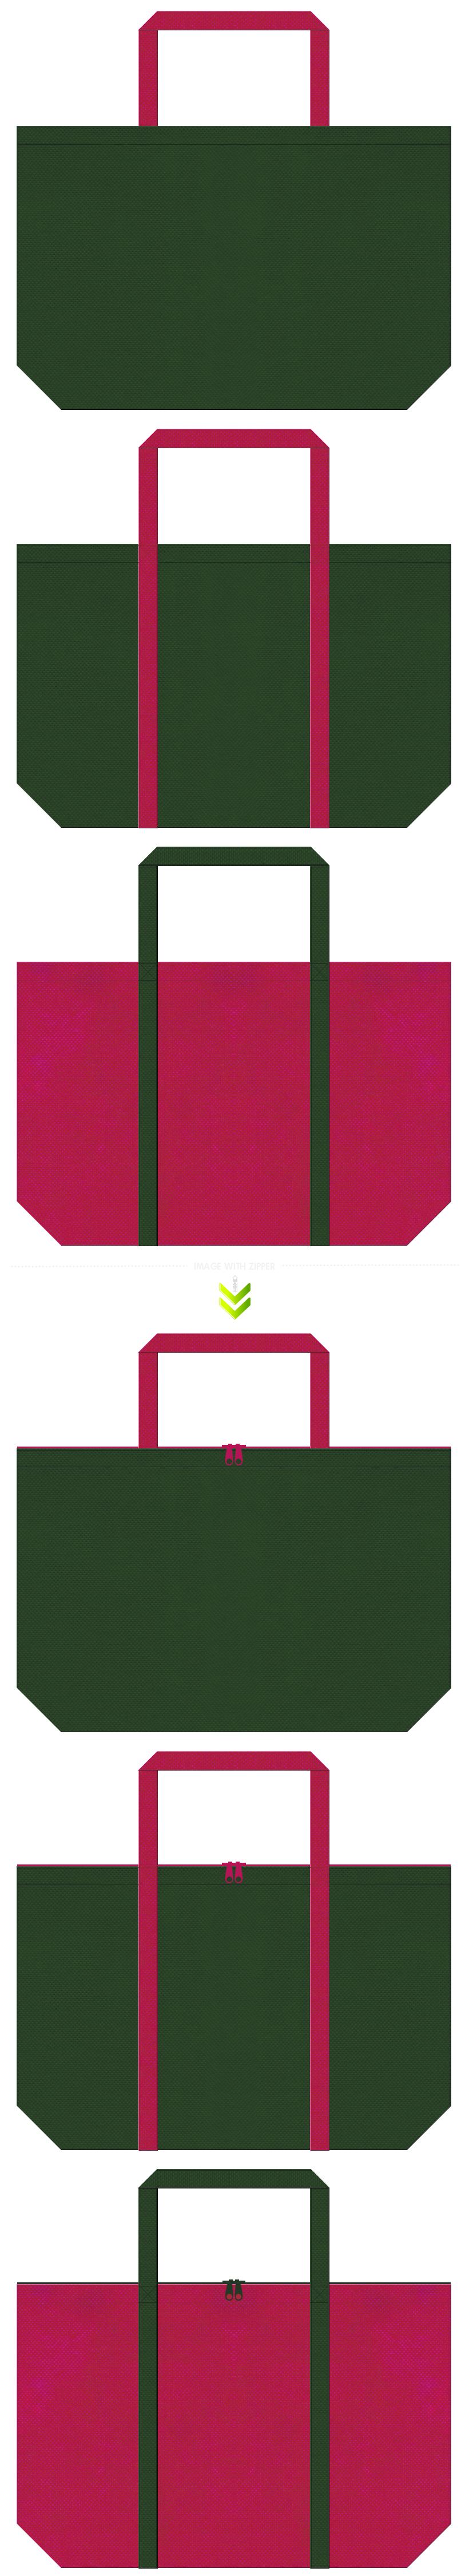 濃緑色と濃いピンク色の不織布エコバッグのデザイン。